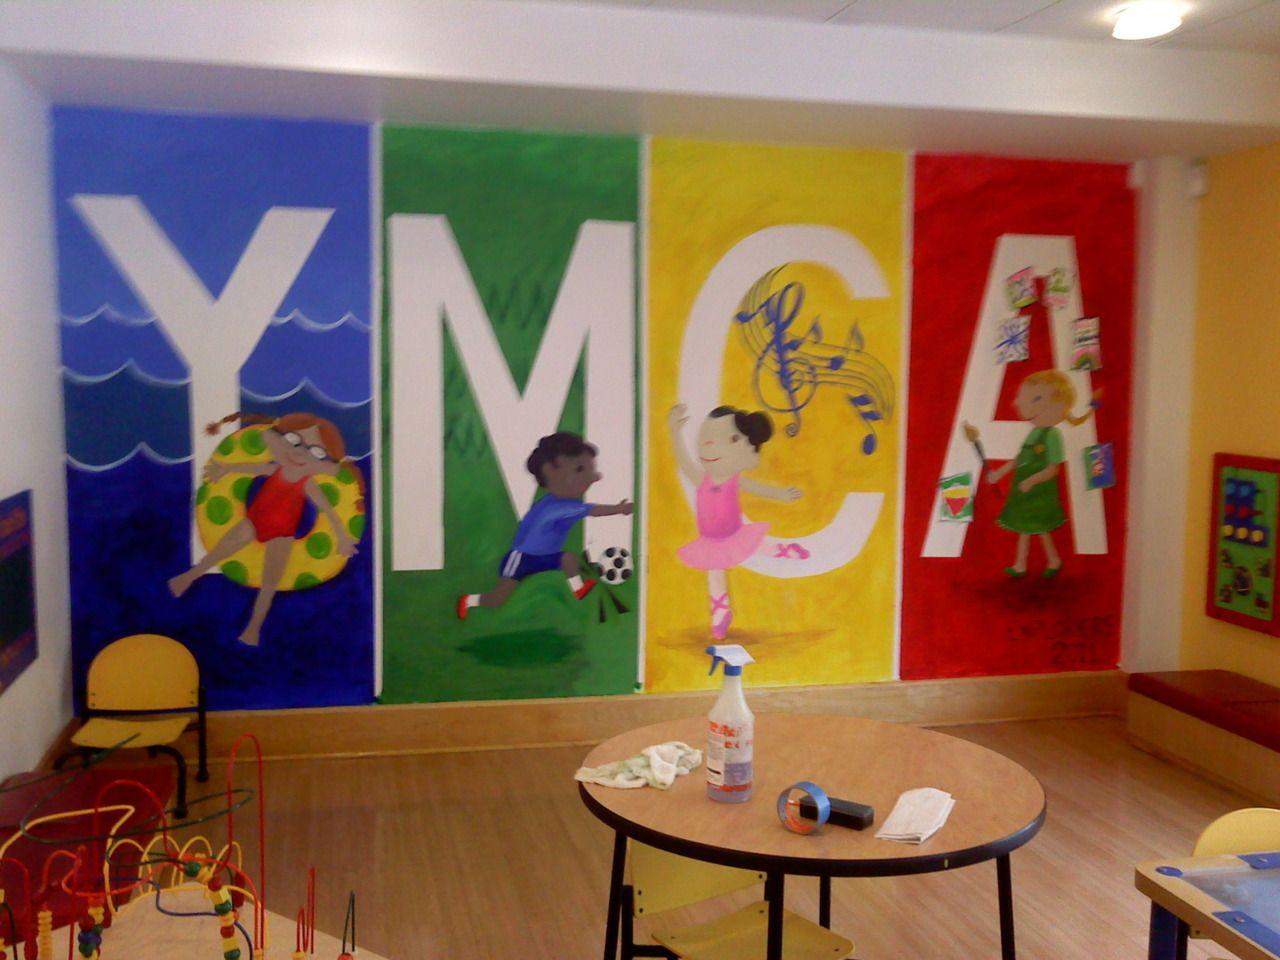 YMCA Mural